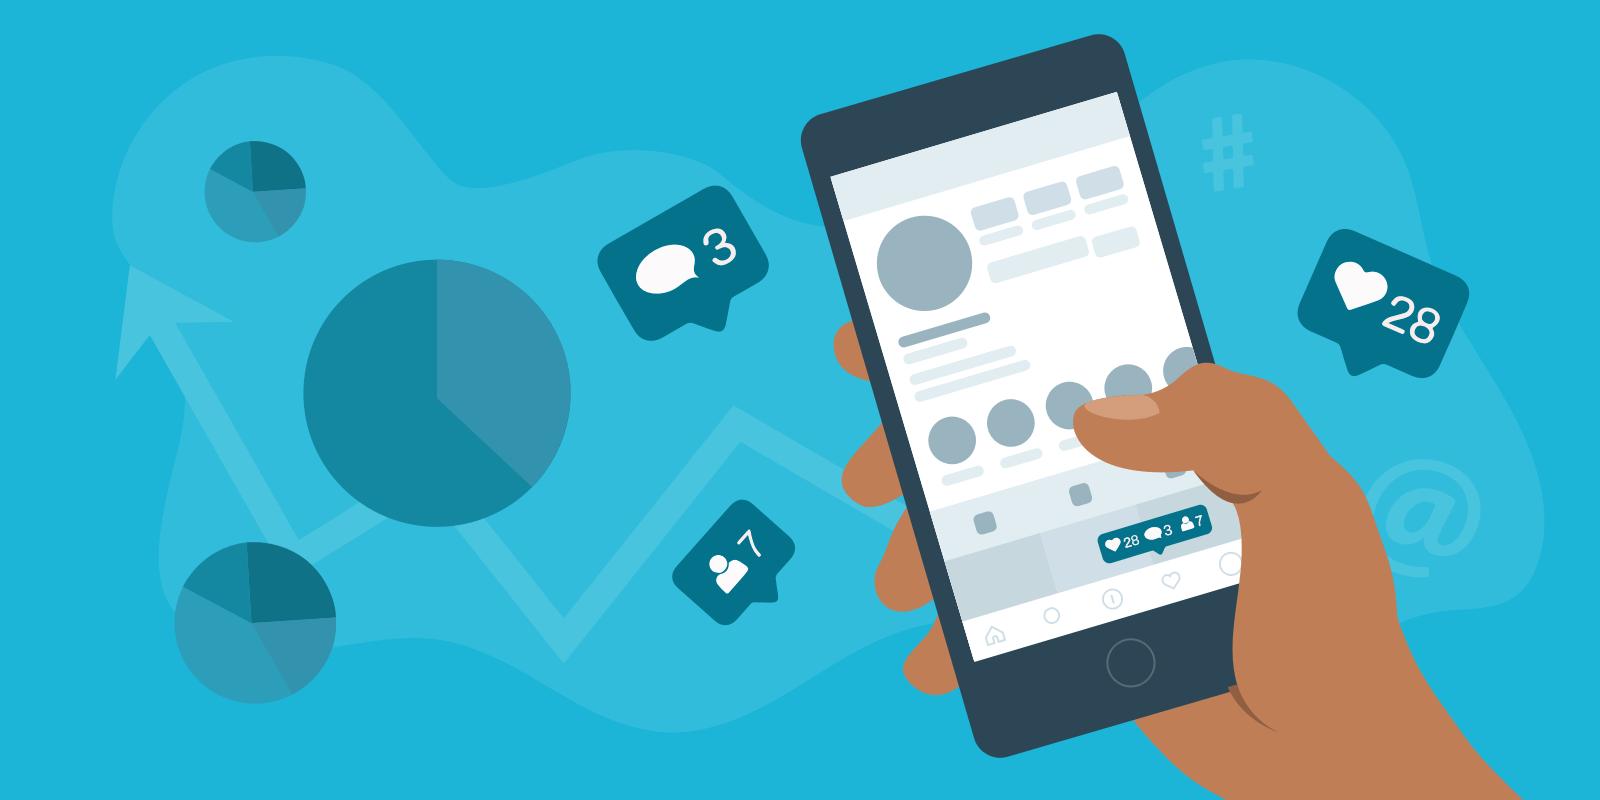 Анализ целевой аудитории и конкурентов в Инстаграм